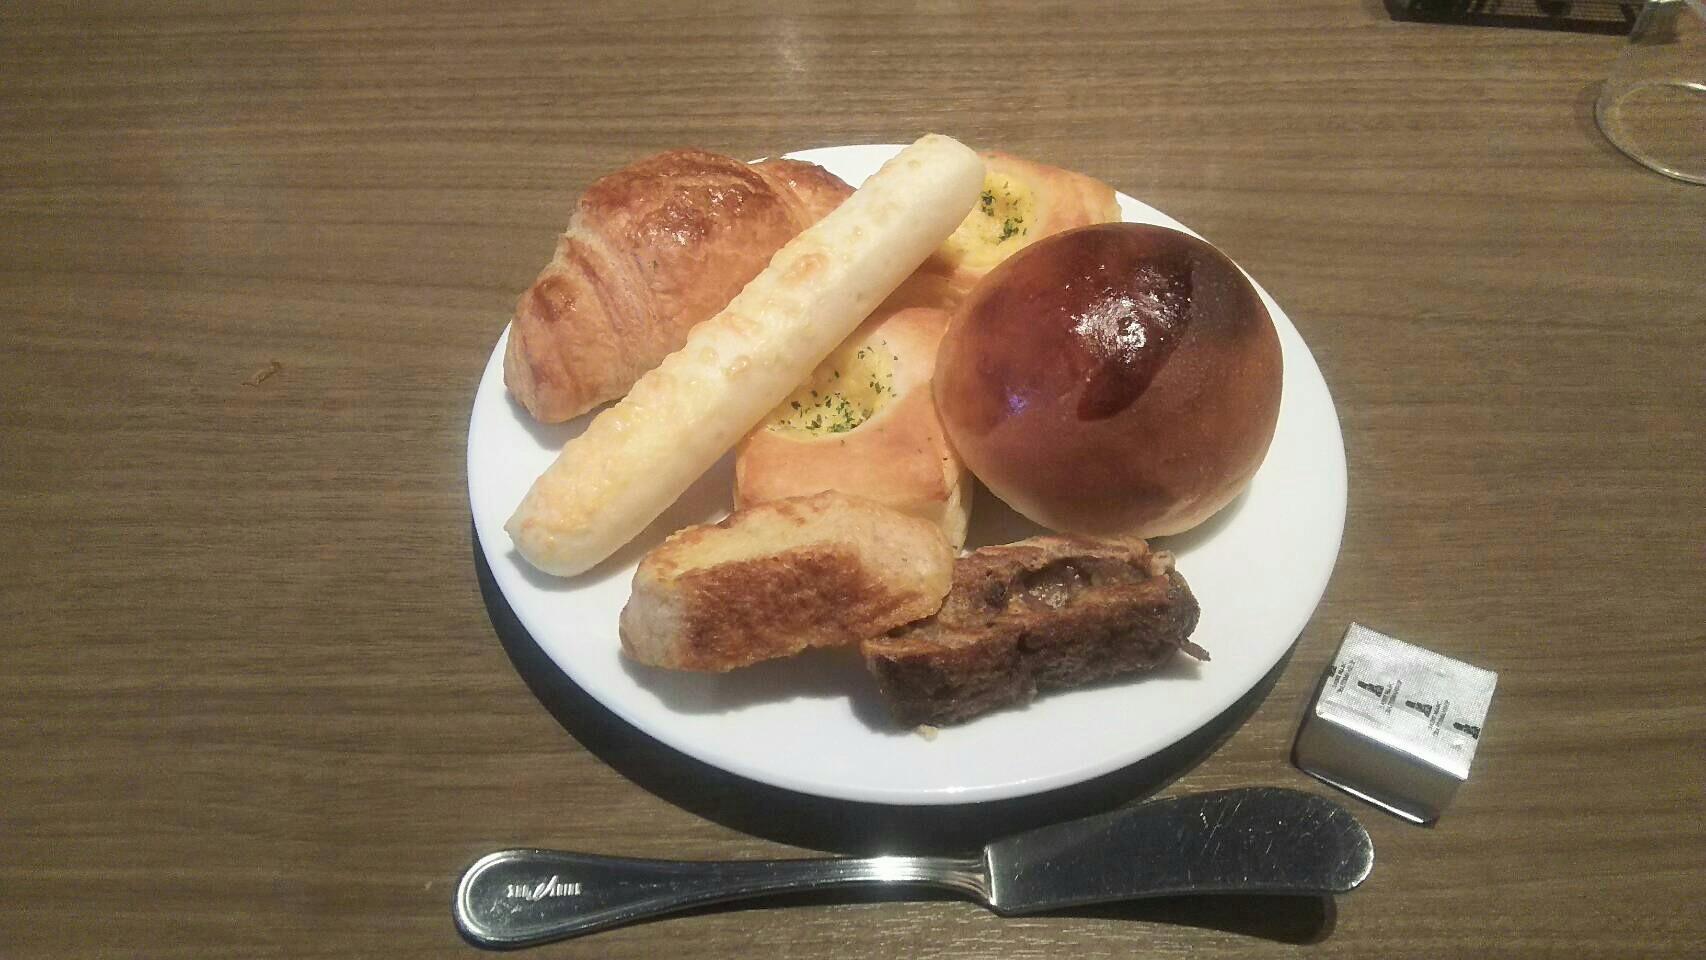 おいしいパン食べ放題ランチパスポート愛媛県おすすめグルメ巡り